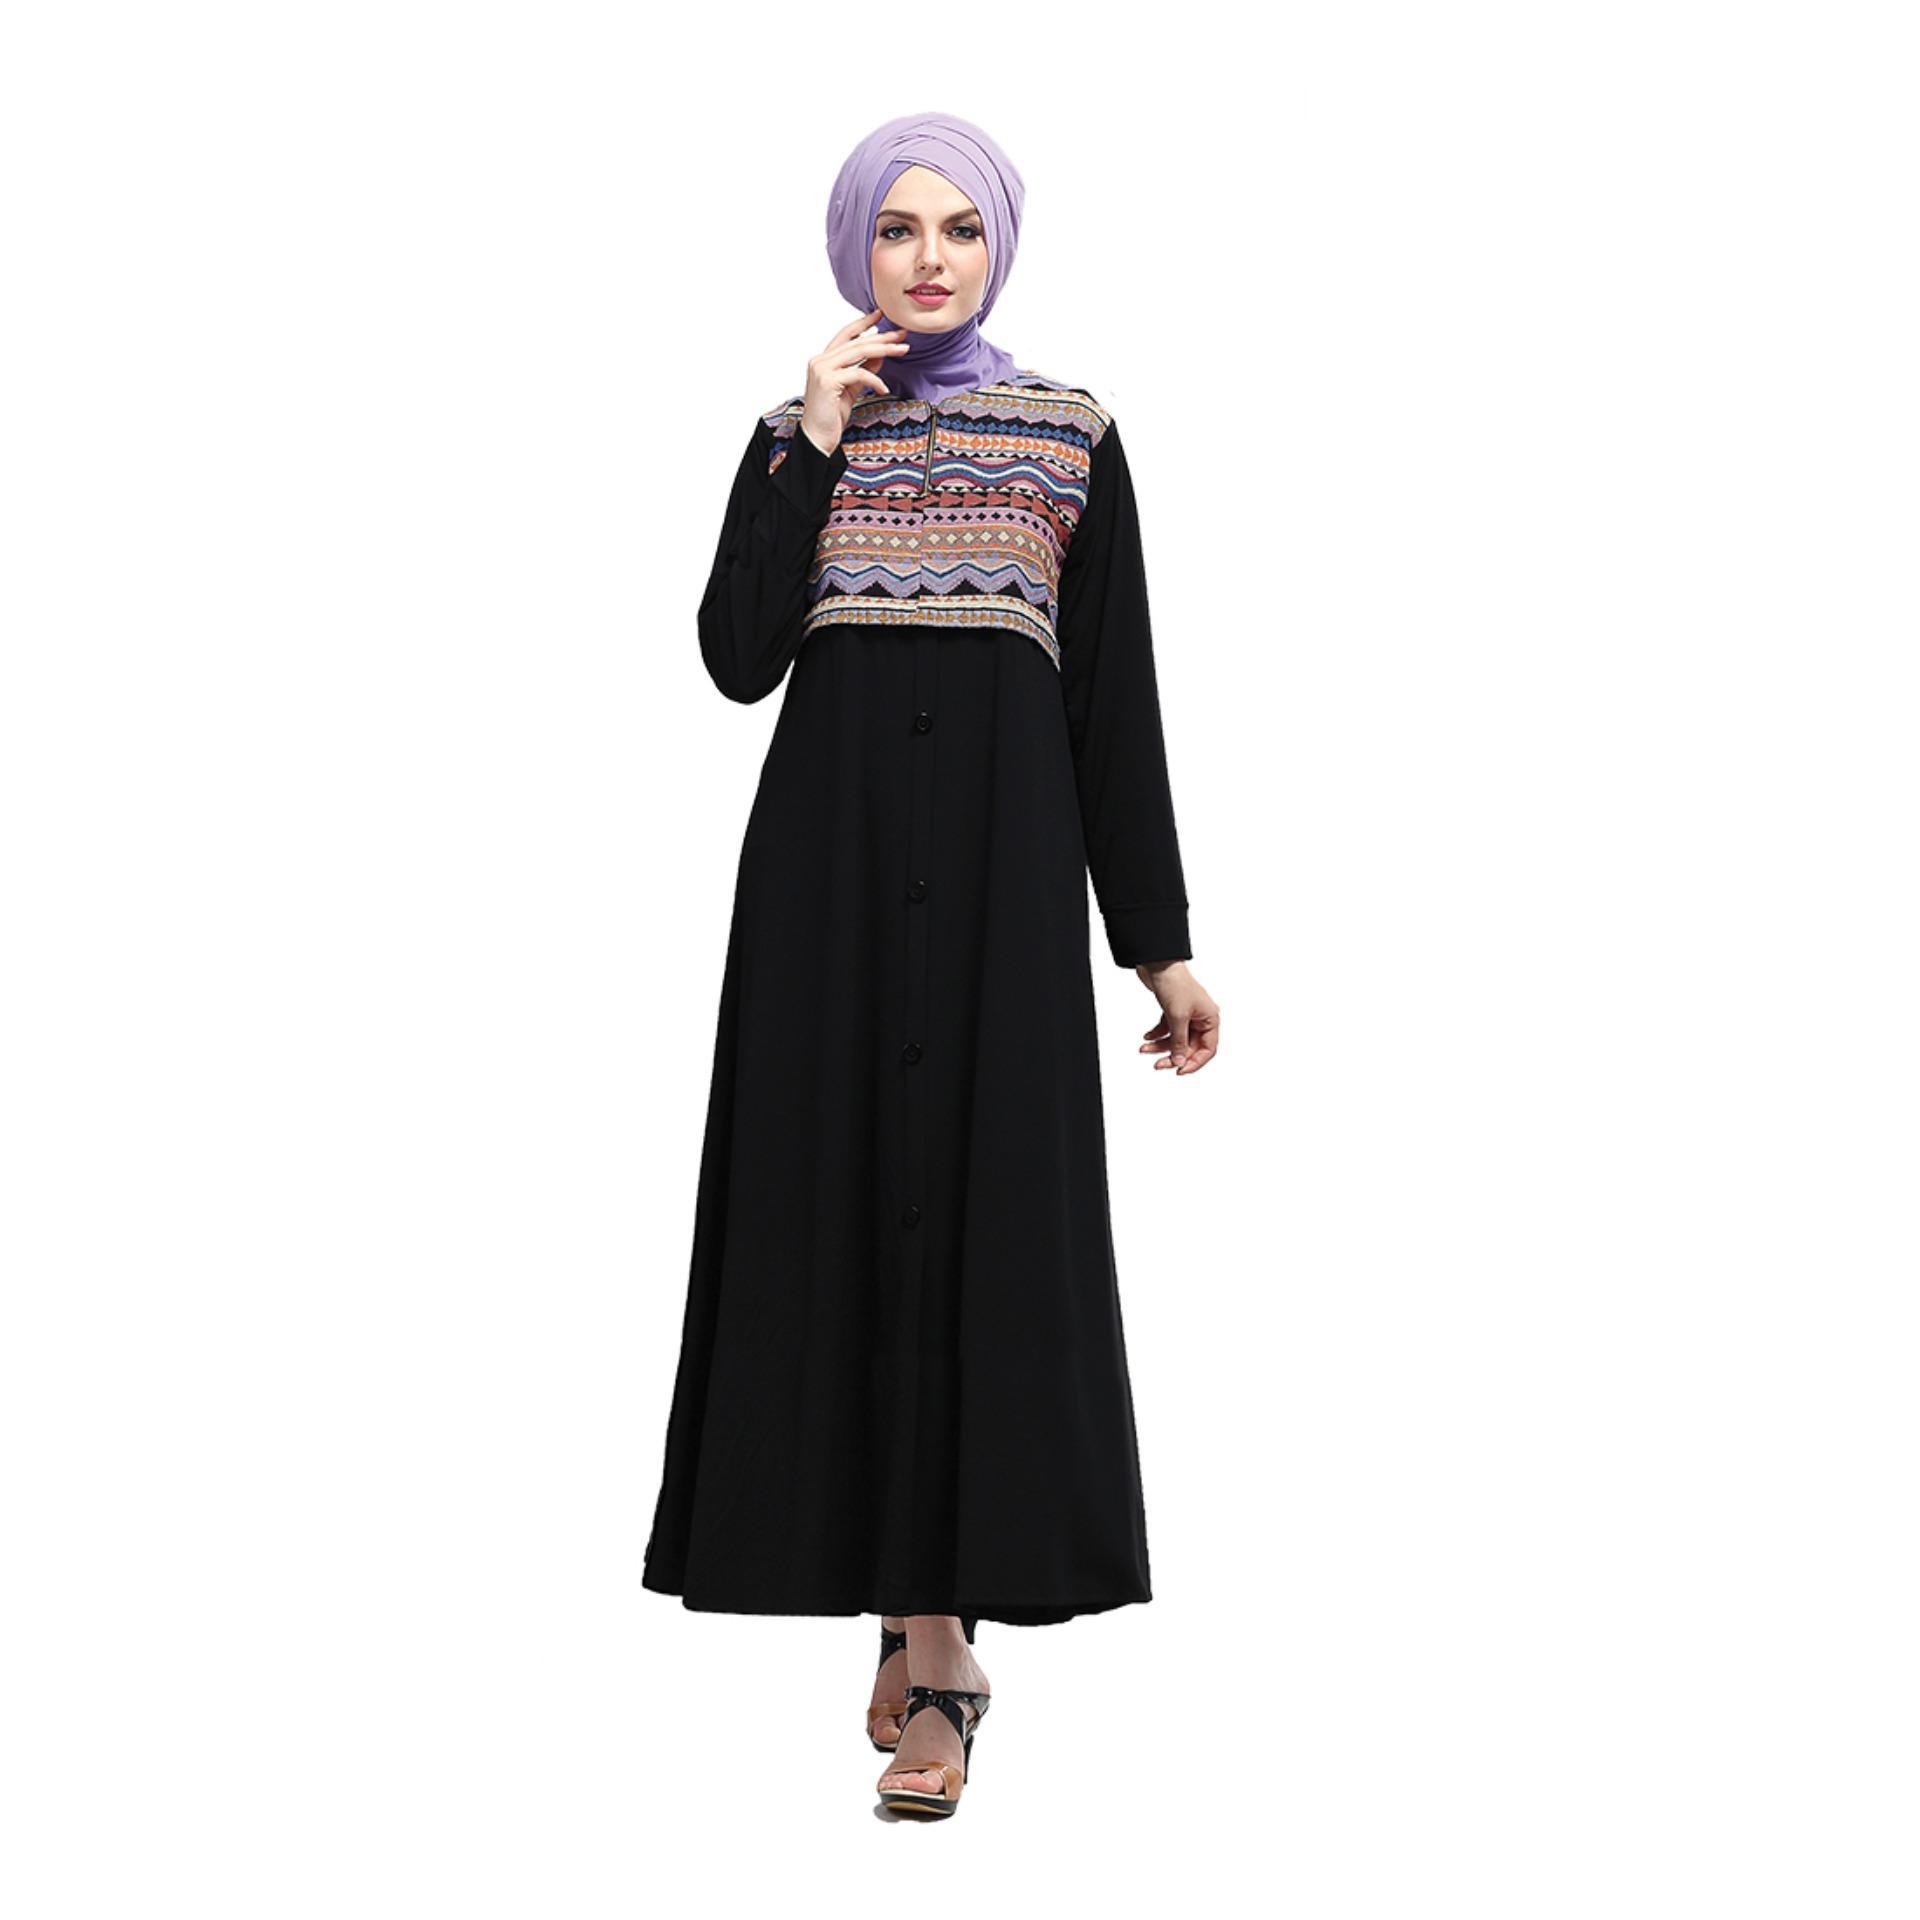 Baju Jersey Gamis Muslimah Wanita Hitam